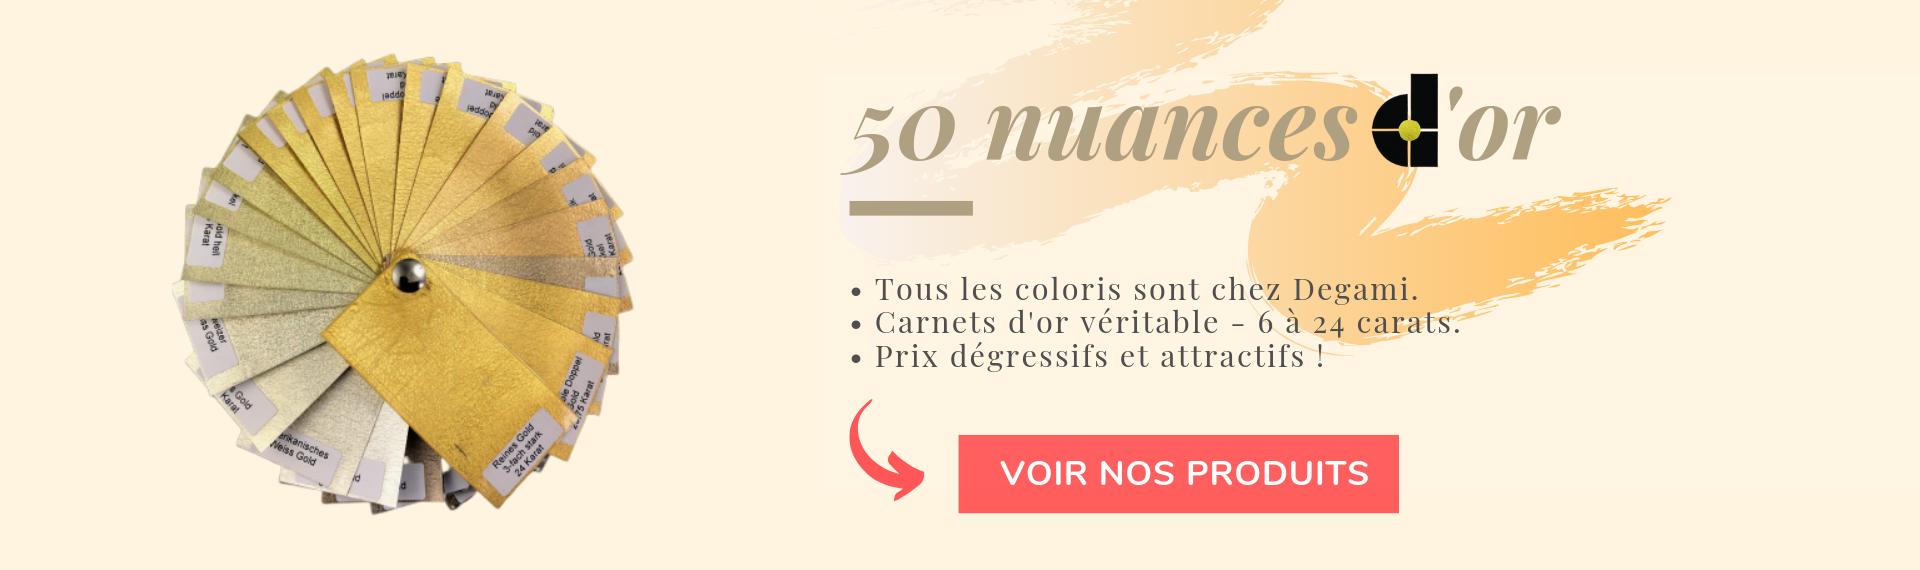 50 nuances de feuilles d'or